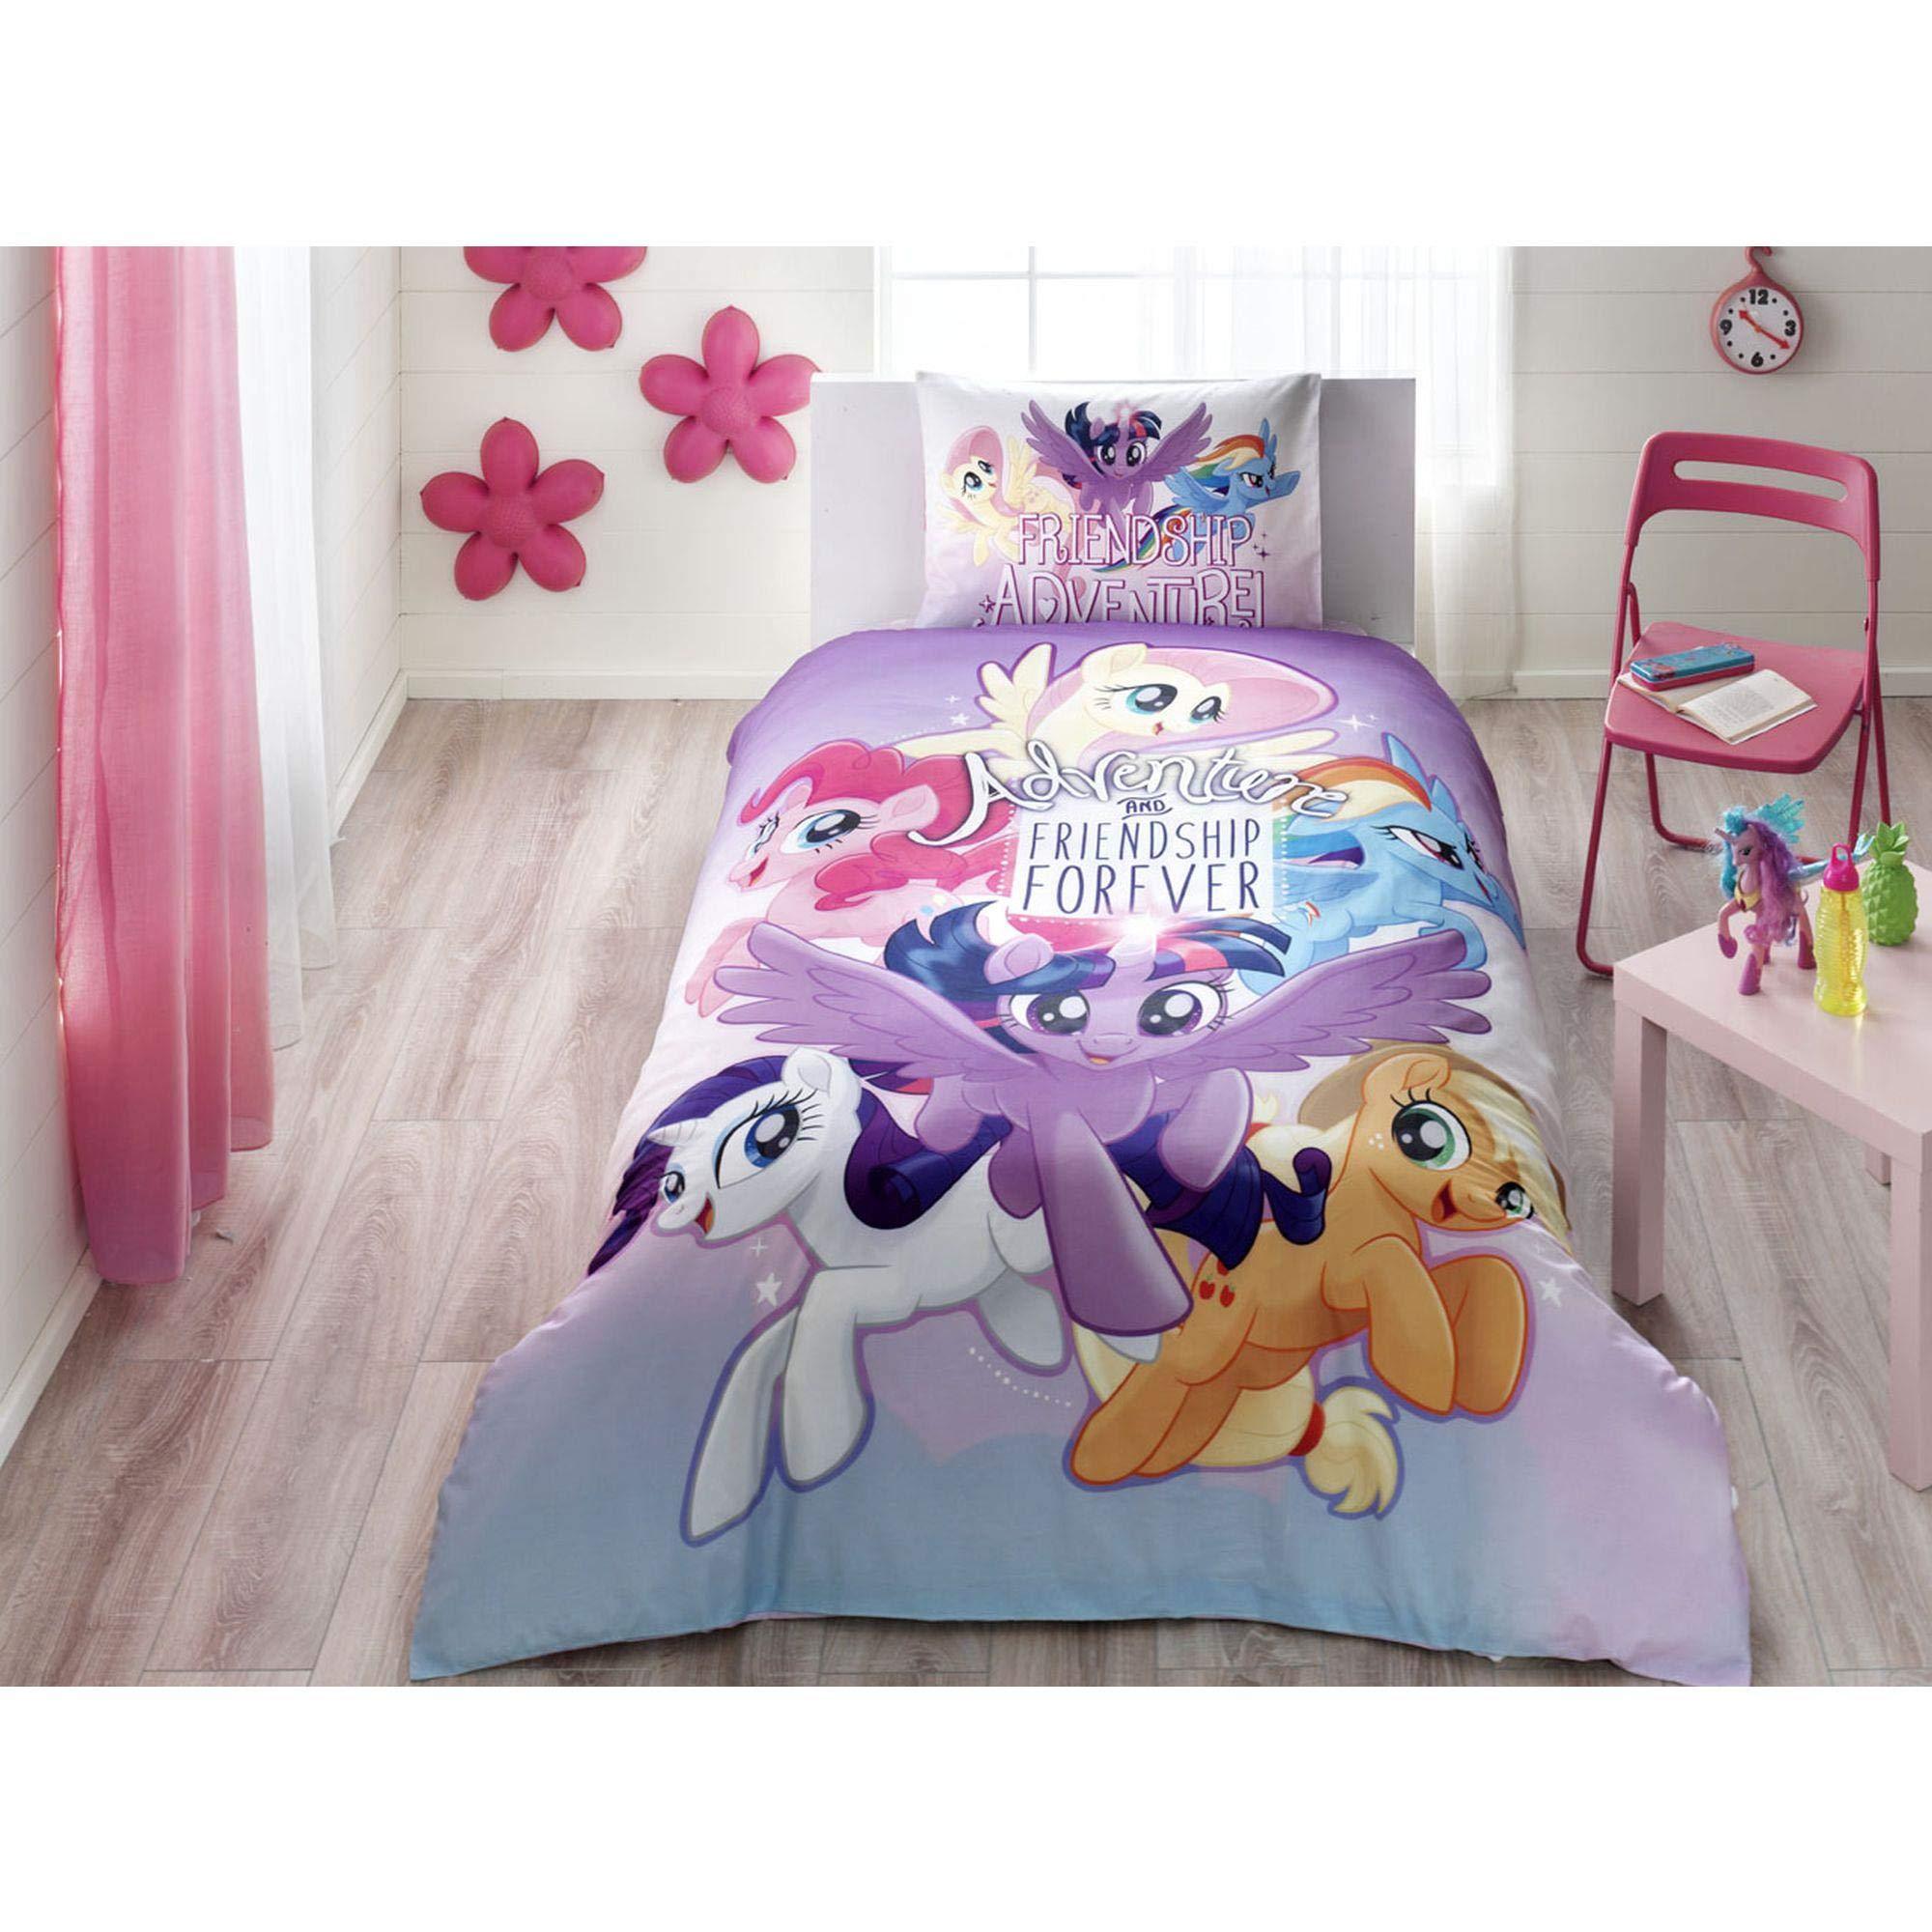 Single Twin Kids Original My Little Pony Adventure Movie 100% Cotton Duvet/Quilt Cover Set, Bedding Set 3 Pcs